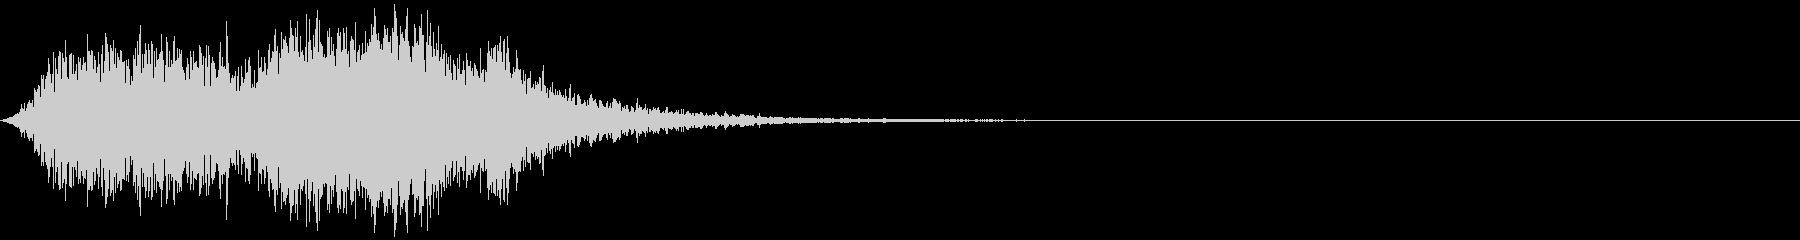 【ホラー】SFX_30 絶望の声の未再生の波形